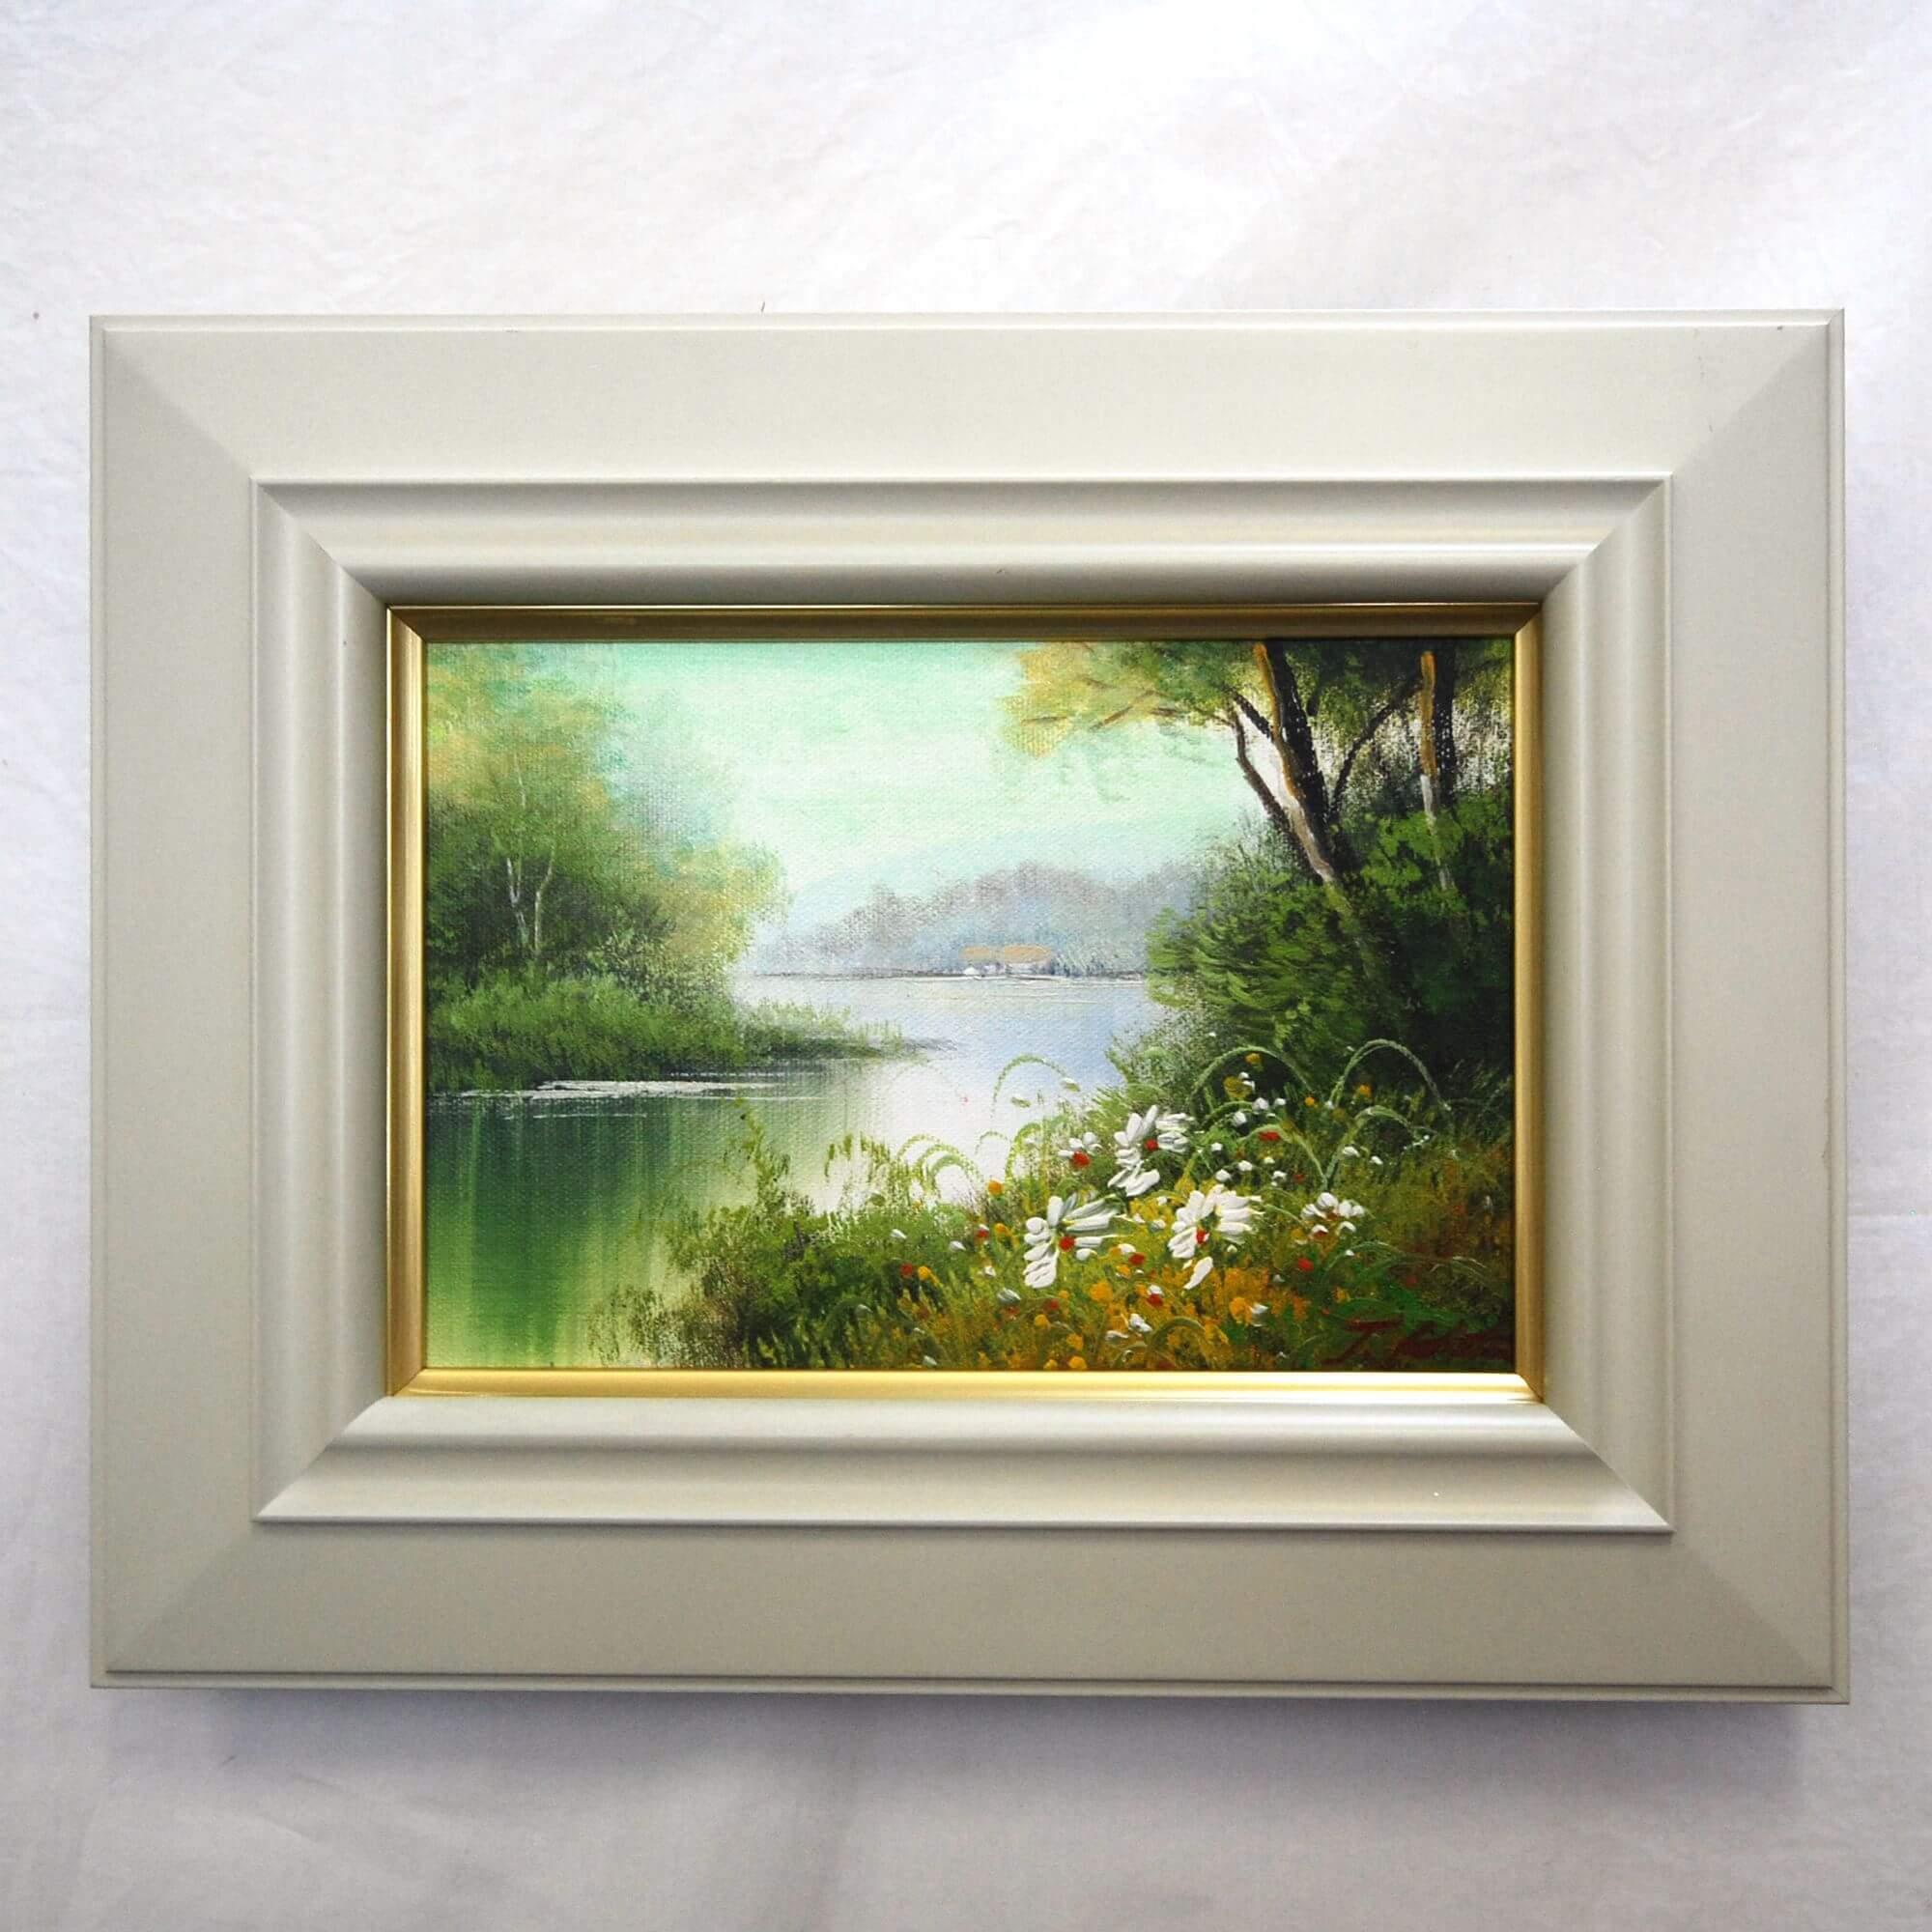 絵画: 油絵 | 倉田敏之 | 湖畔 | SM